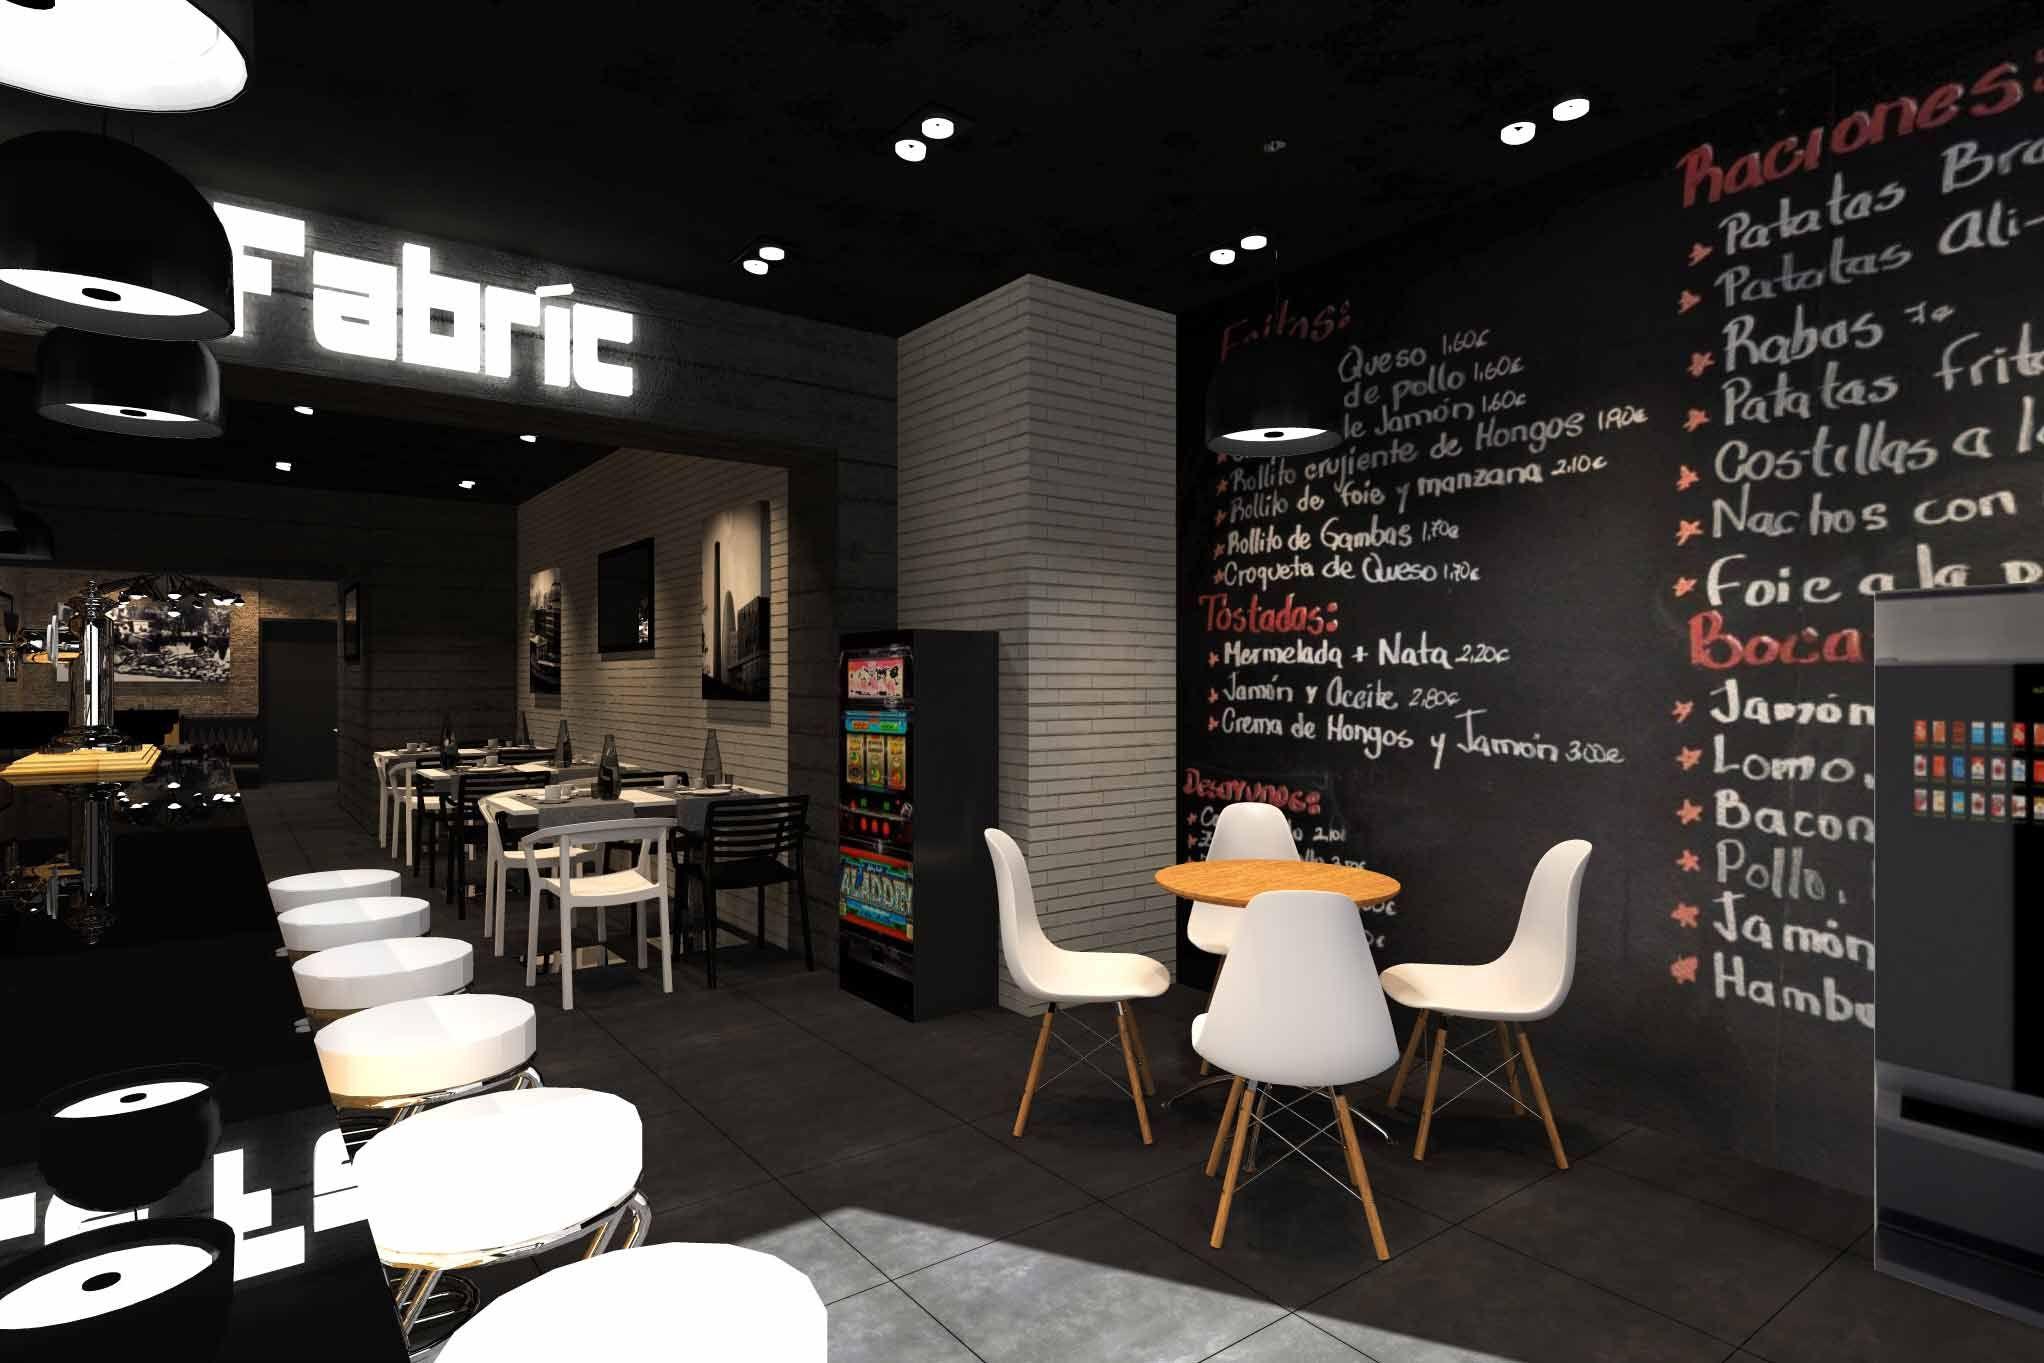 Le Industrial proyecto bar le fabric estilo industrial tematico studio ayd